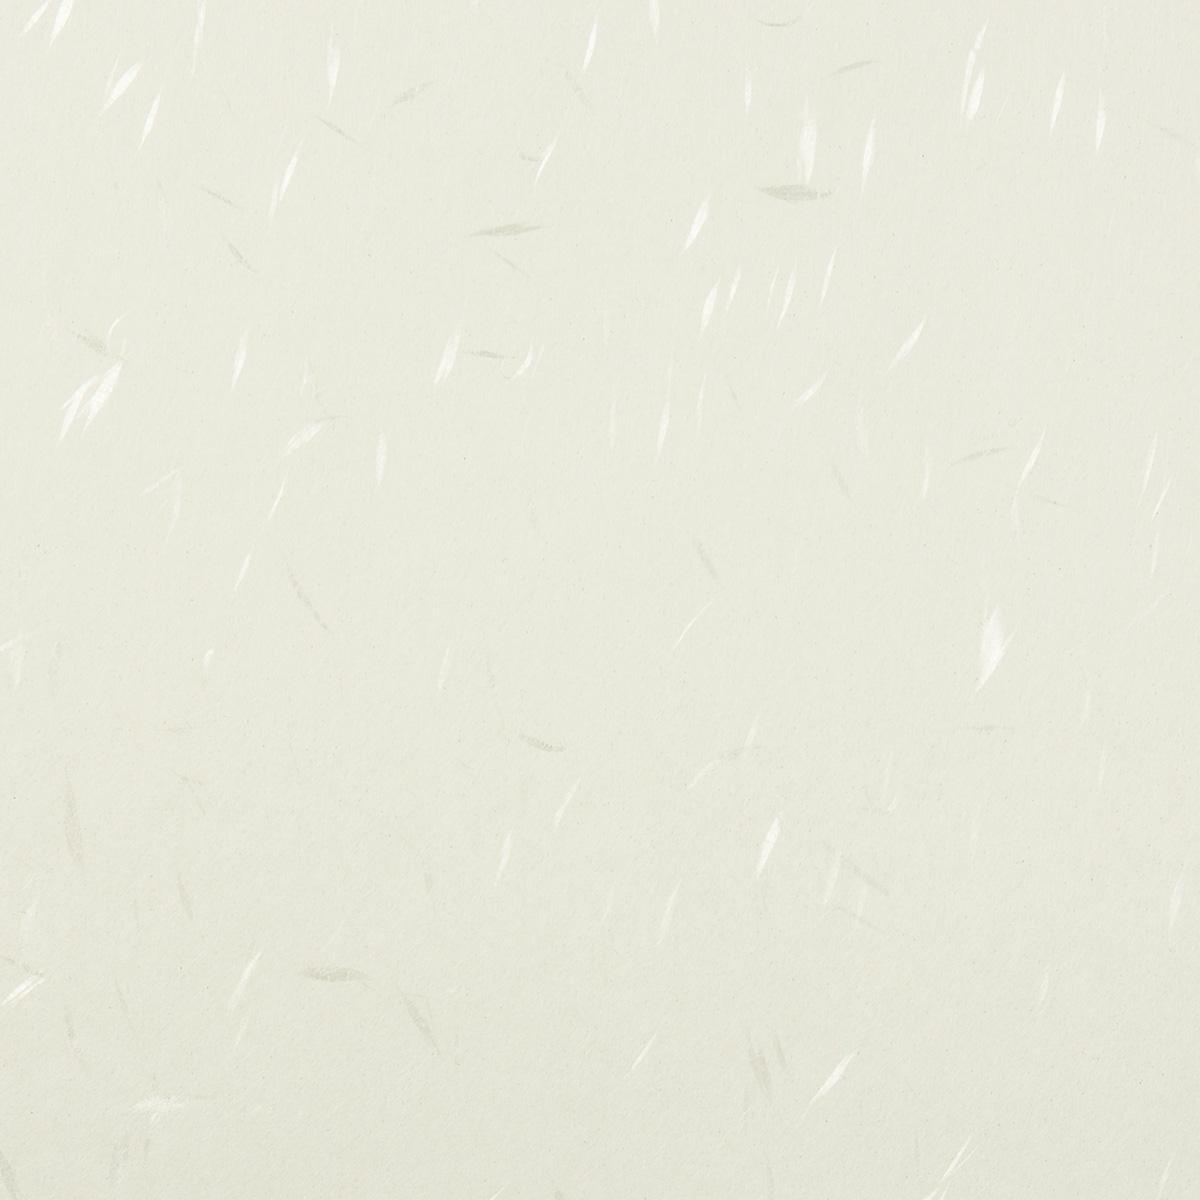 月華ニューカラー A4サイズ(50枚入) No.40 グレー